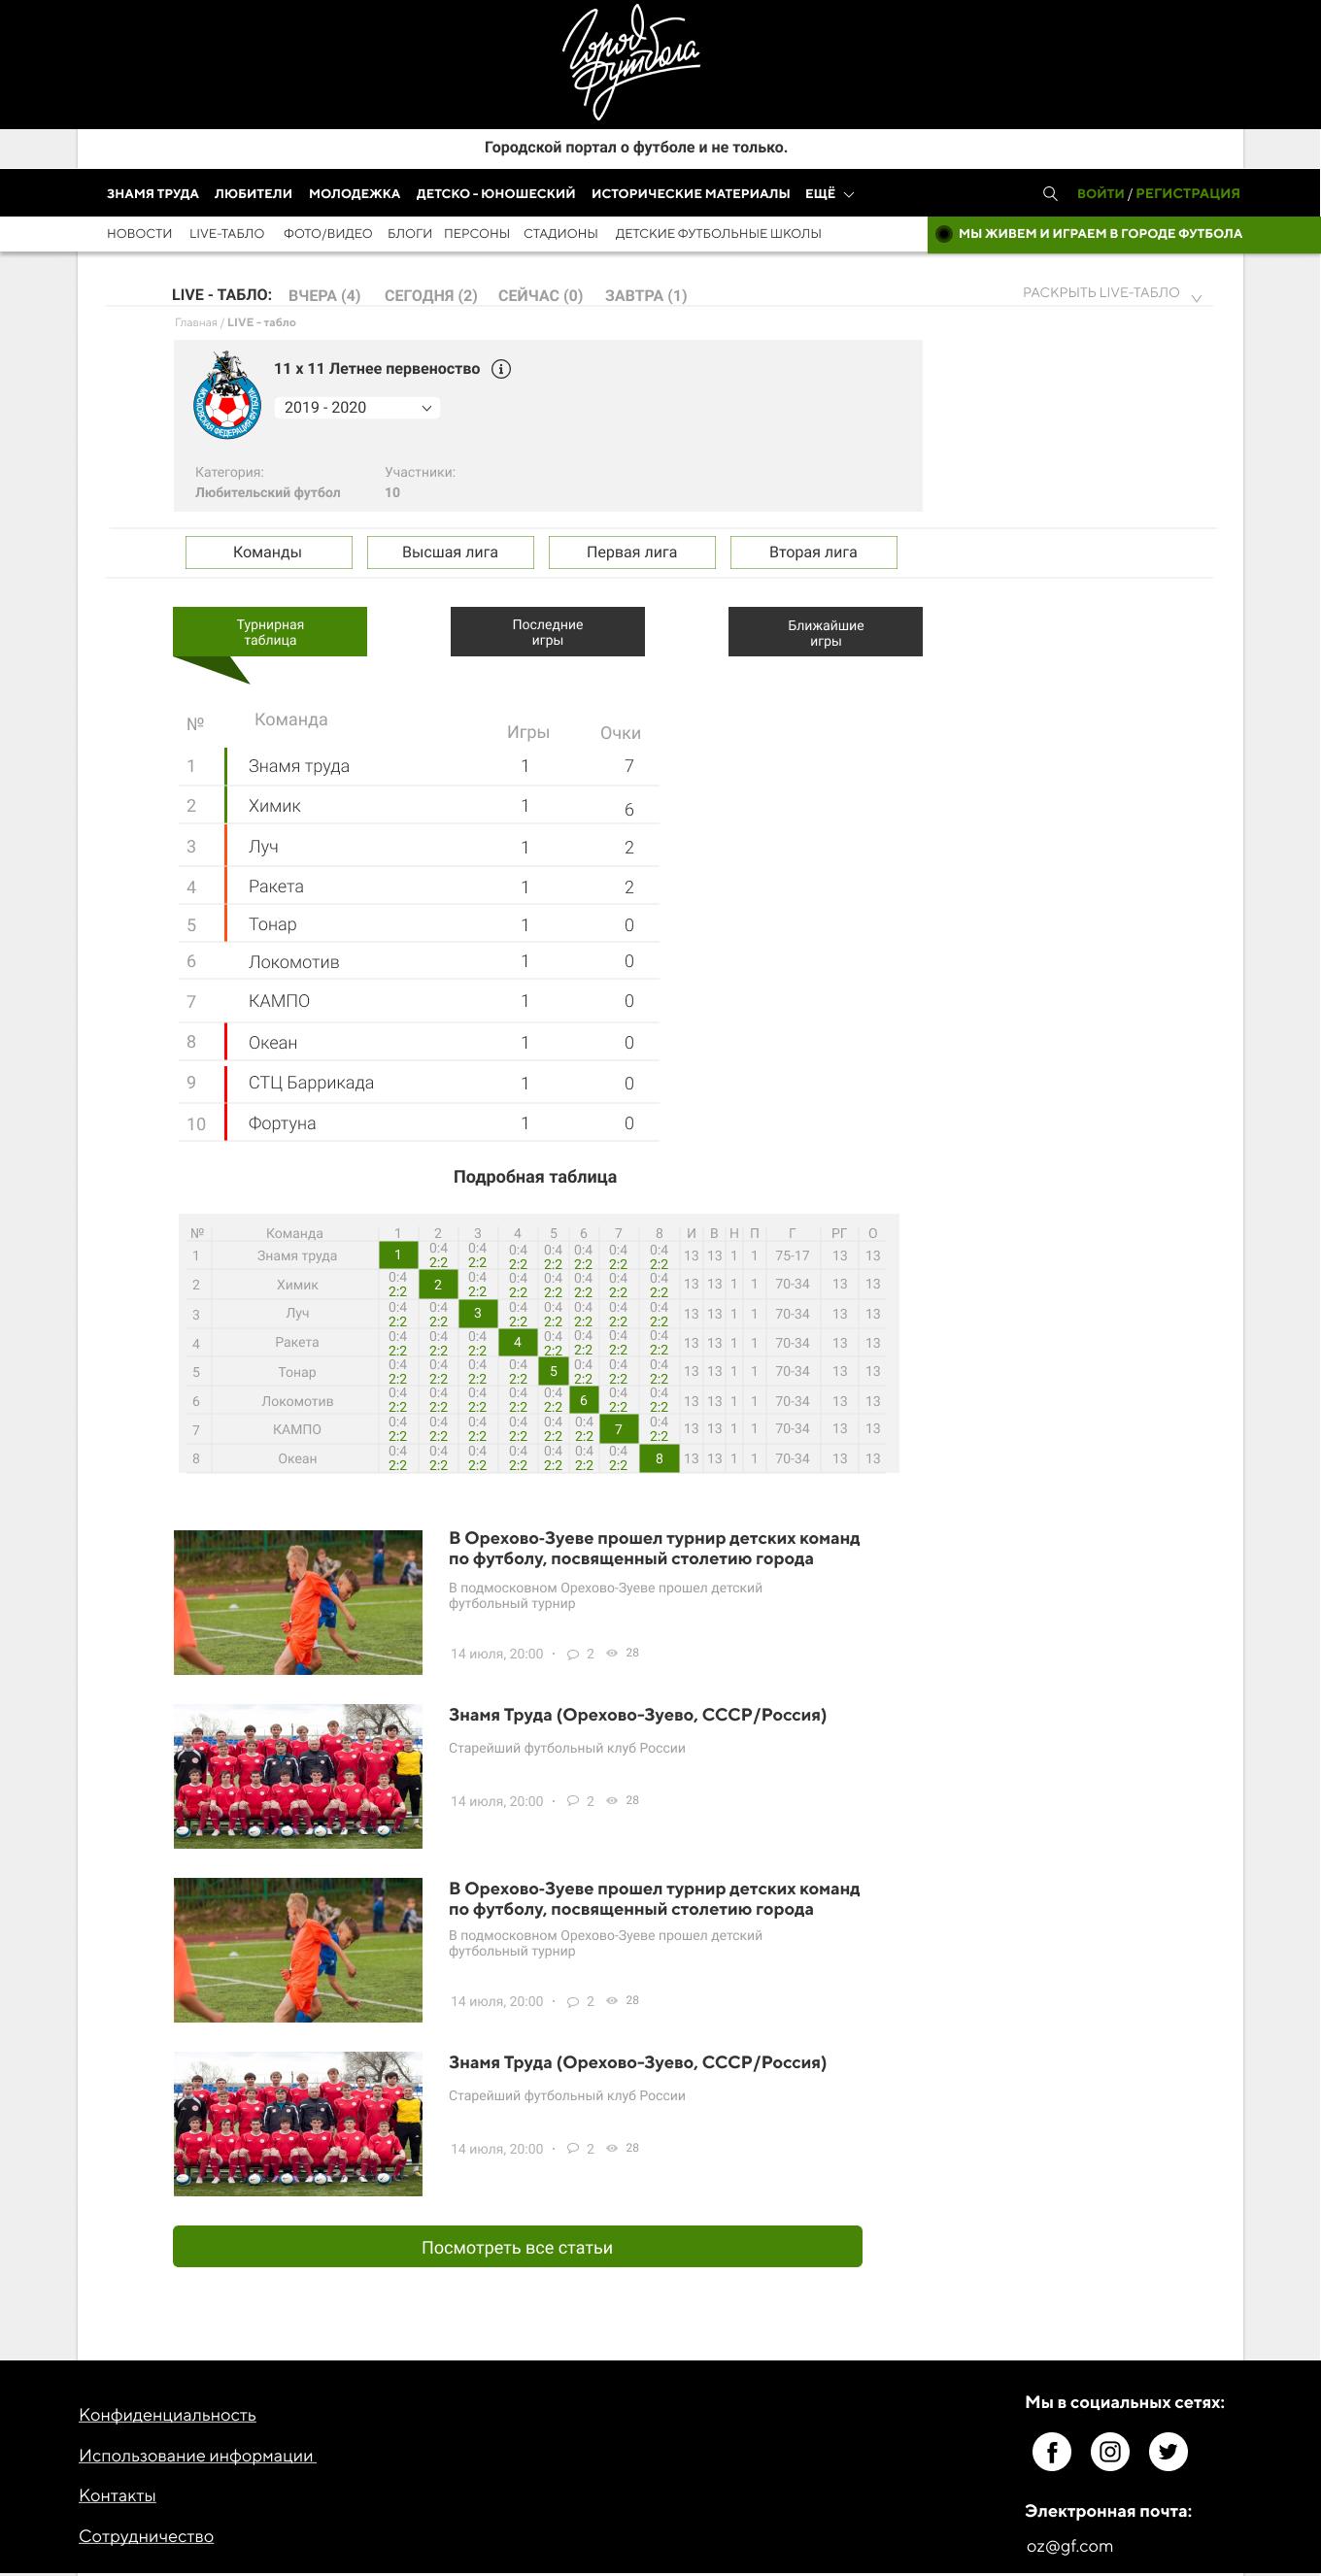 Макет сайта Город Футбола 3